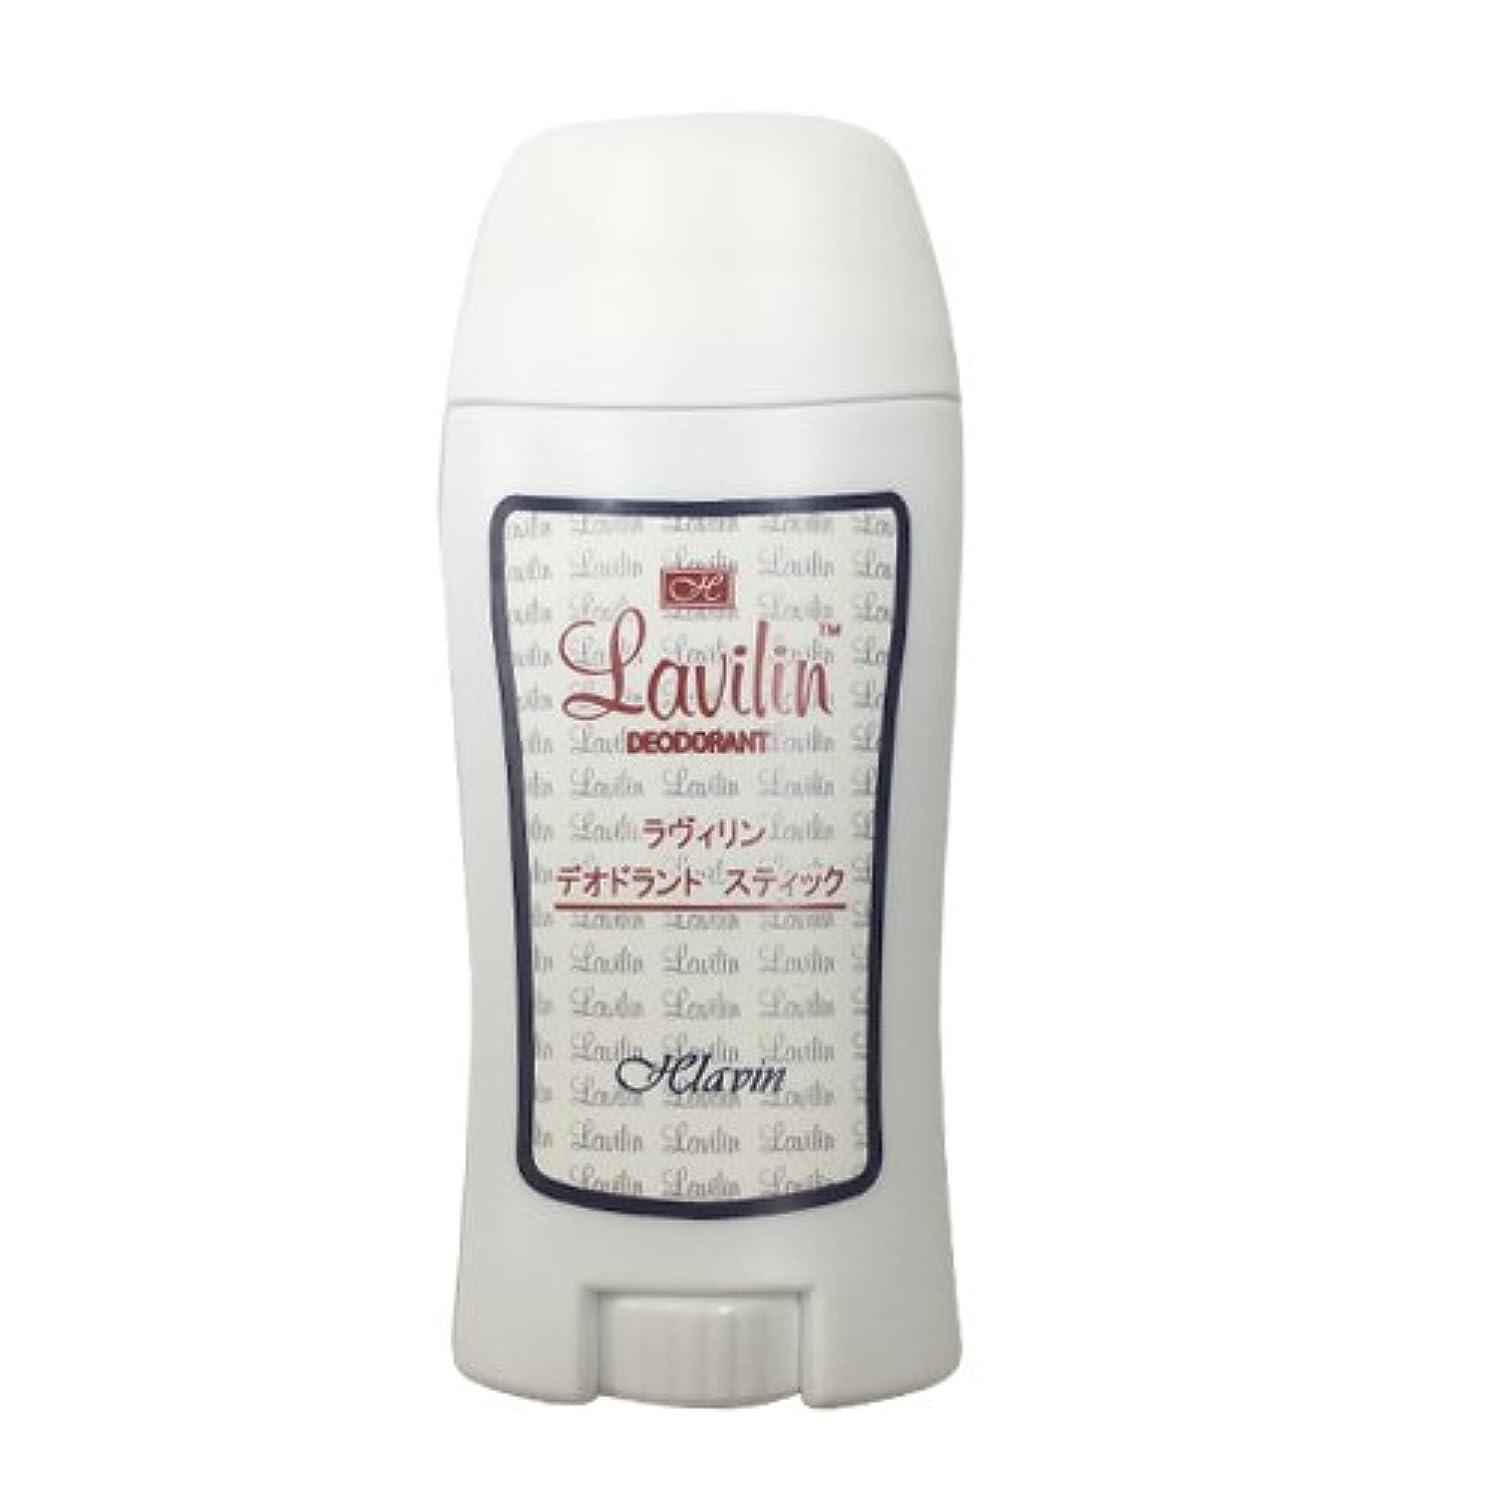 ジョットディボンドン雑草ストライクラヴィリン デオドラント スティック (Lavilin deodorant stick) 60ml